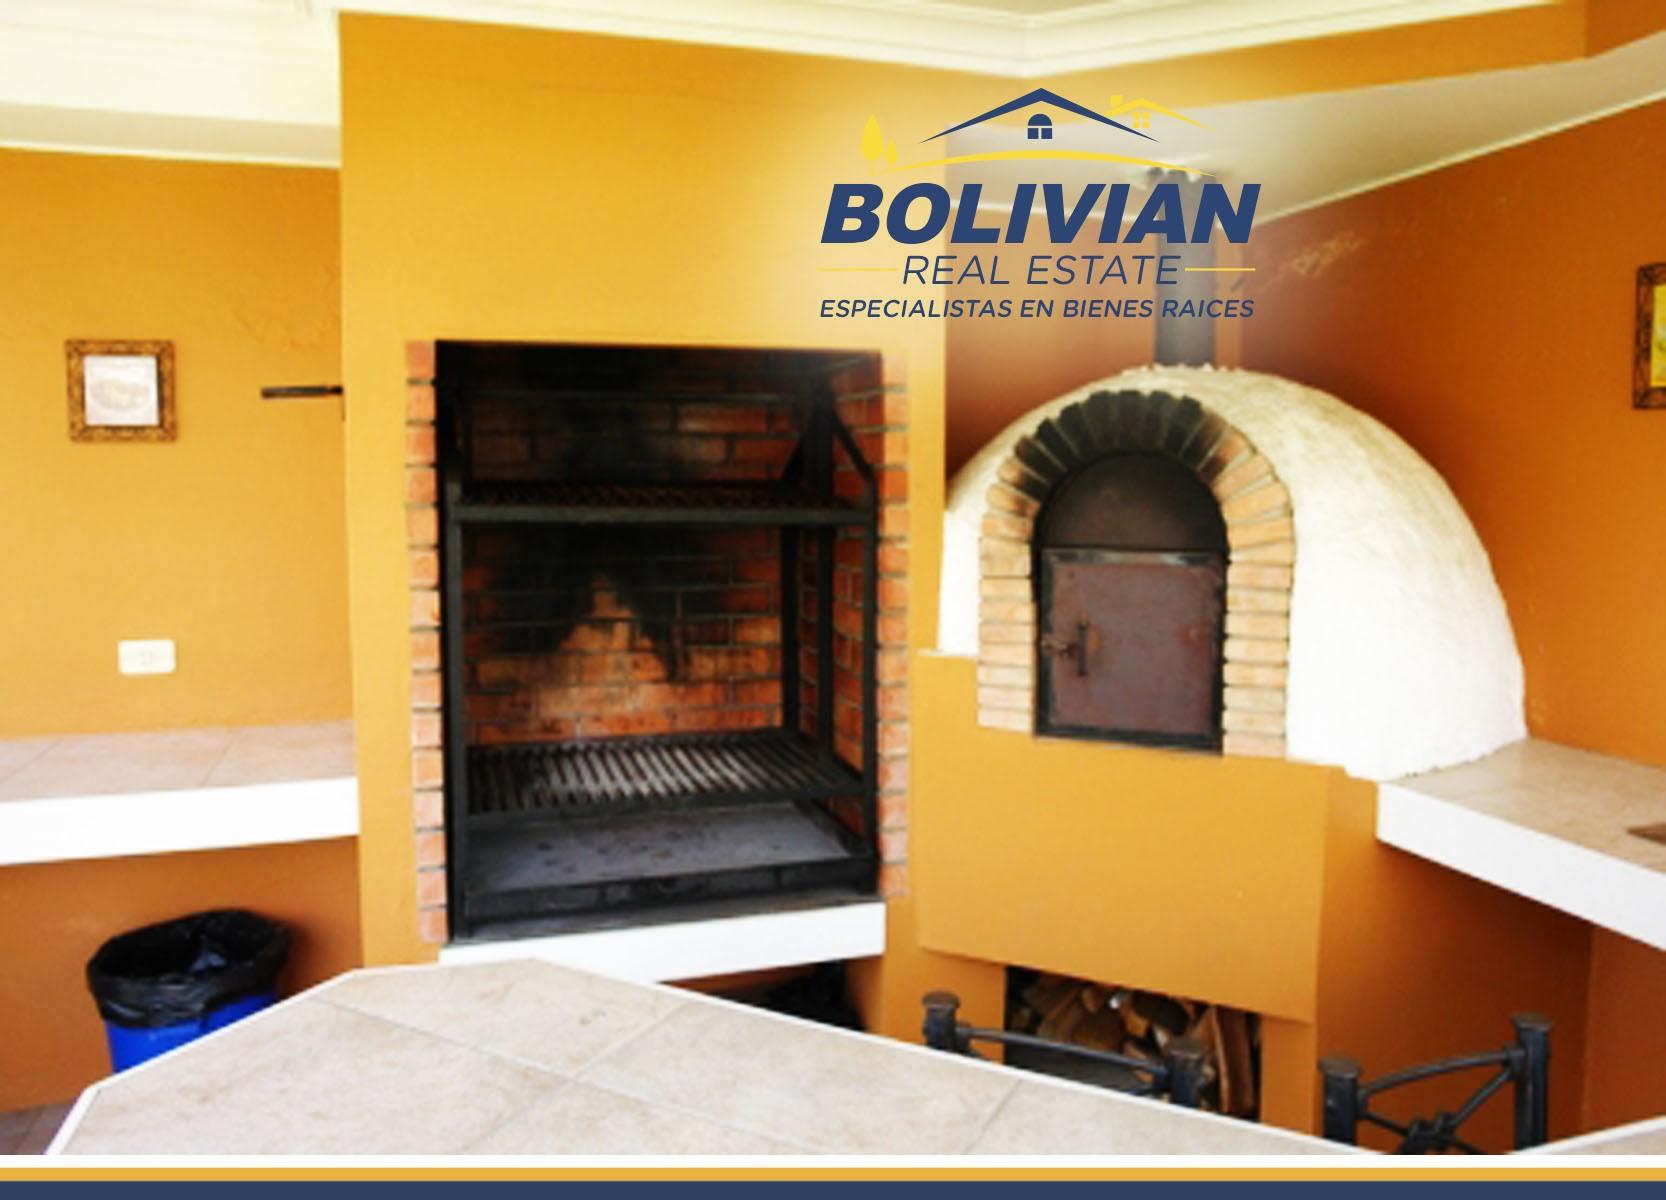 Casa en Alquiler ACHUMANI - JARDINES DEL SUR, EXCELENTE RESIDENCIA  Foto 5